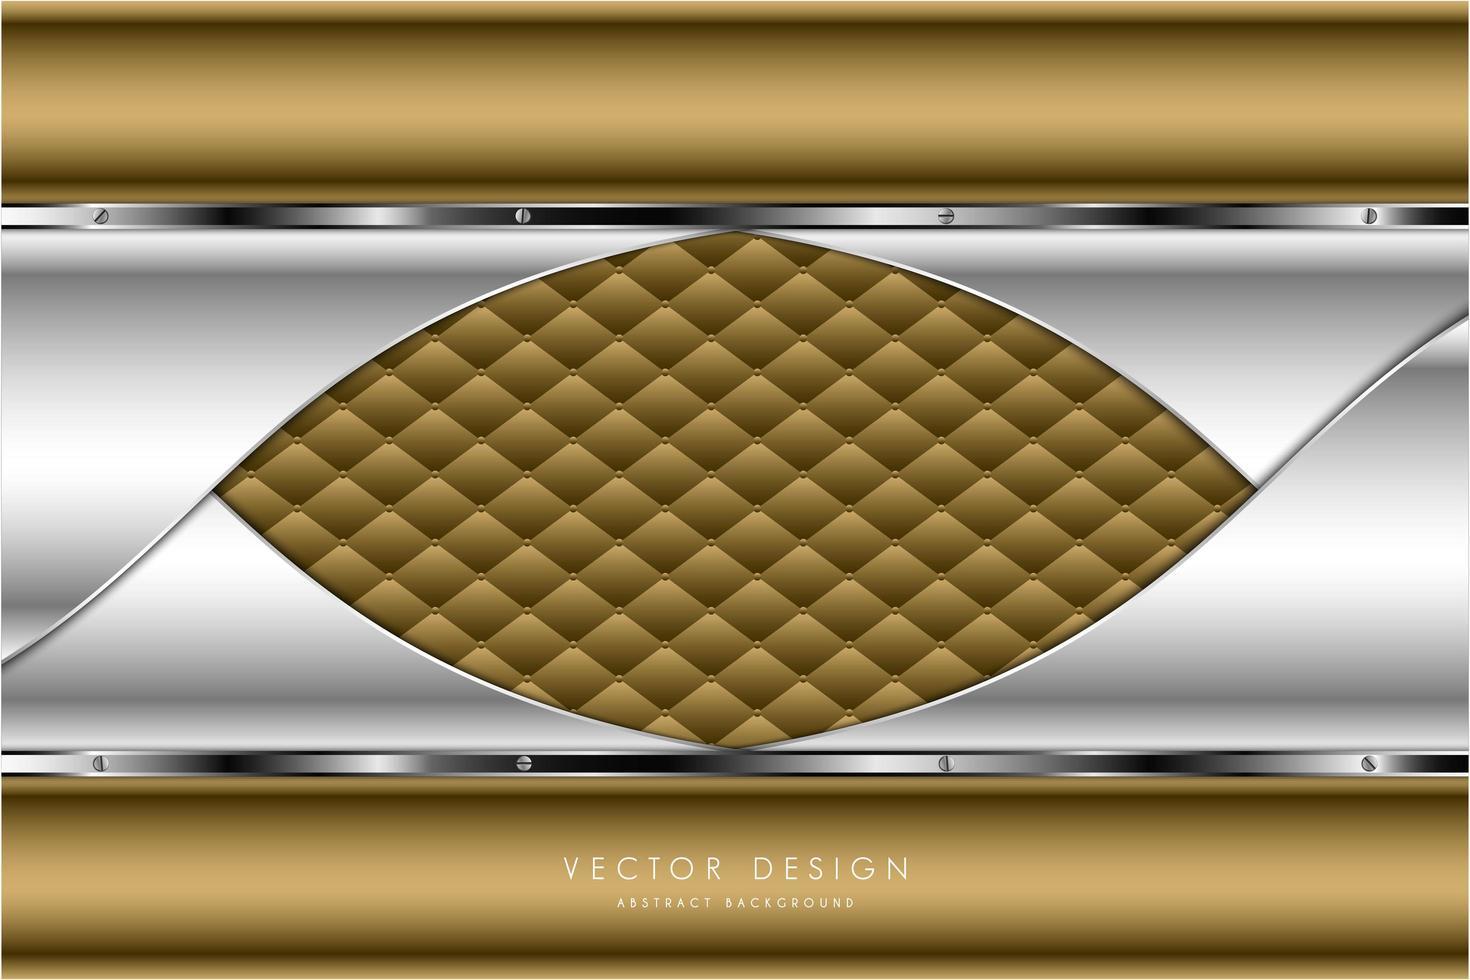 goud en zilver metaal met bekleding modern design vector